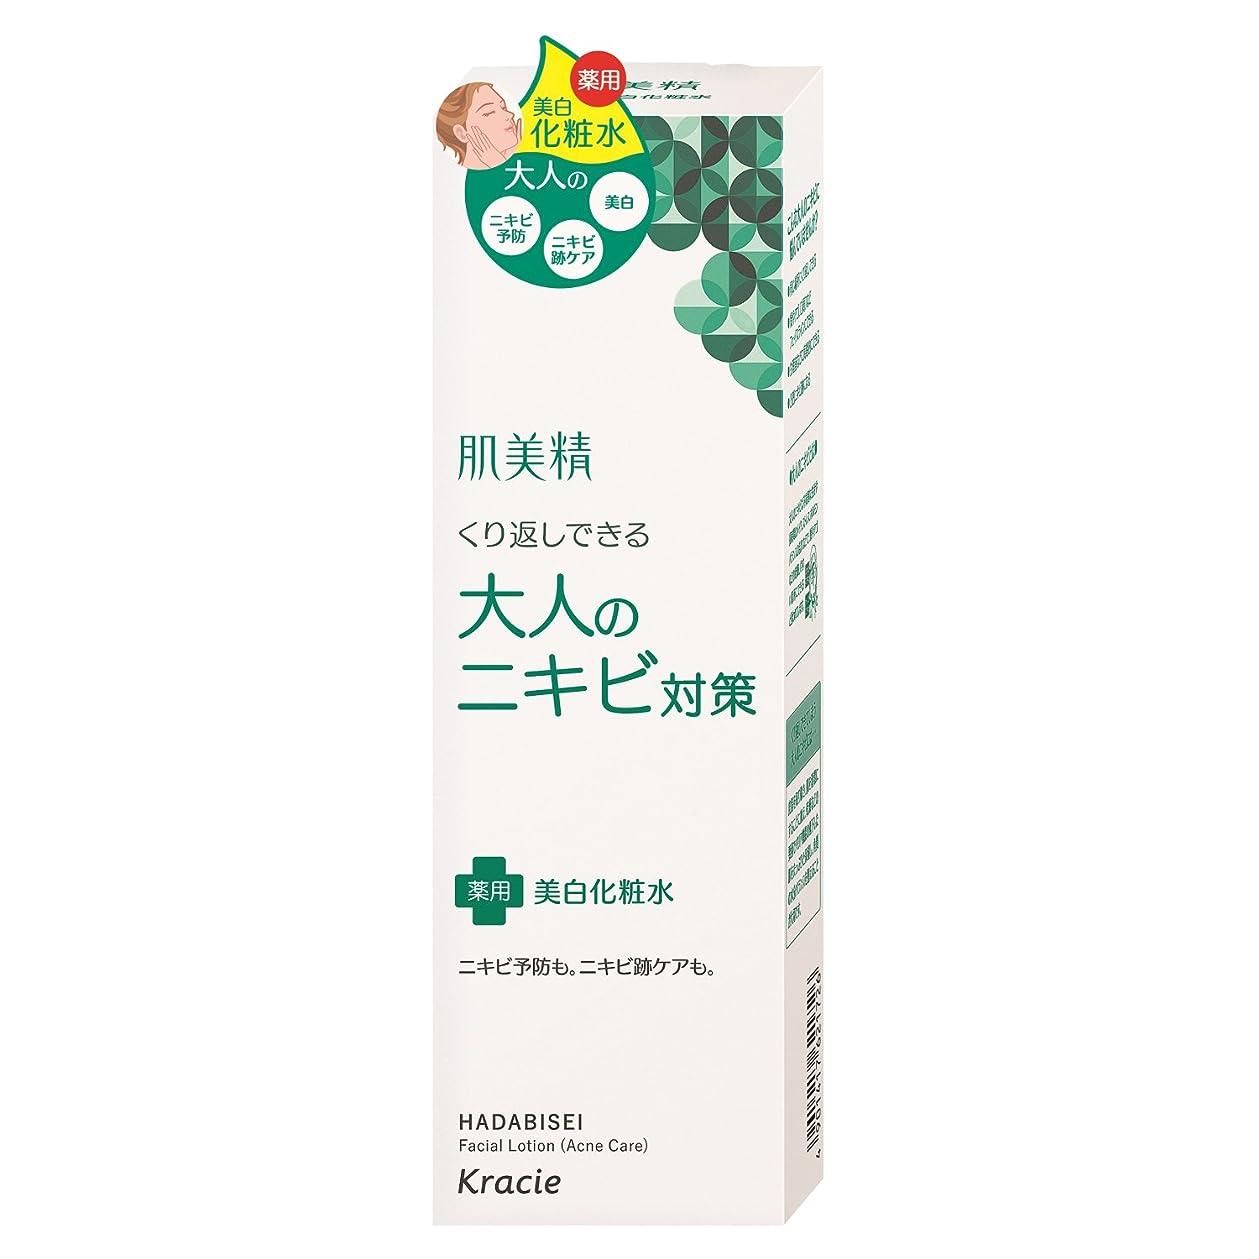 批評離すボタン肌美精 大人のニキビ対策 薬用美白化粧水 200mL (医薬部外品)